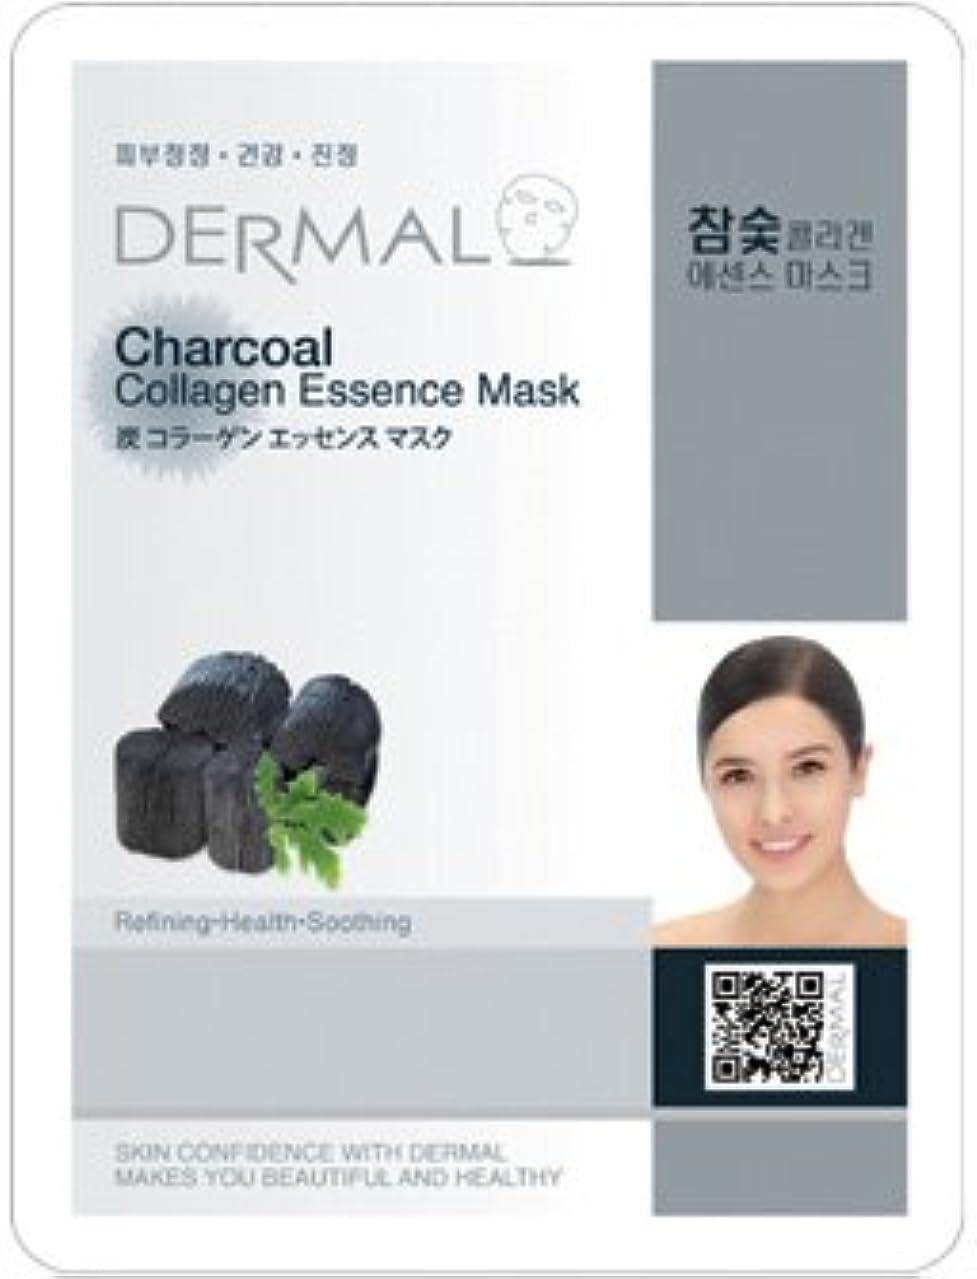 コンパニオン繊毛ブラジャーDermal(ダーマル) シートマスク 炭 100枚セット